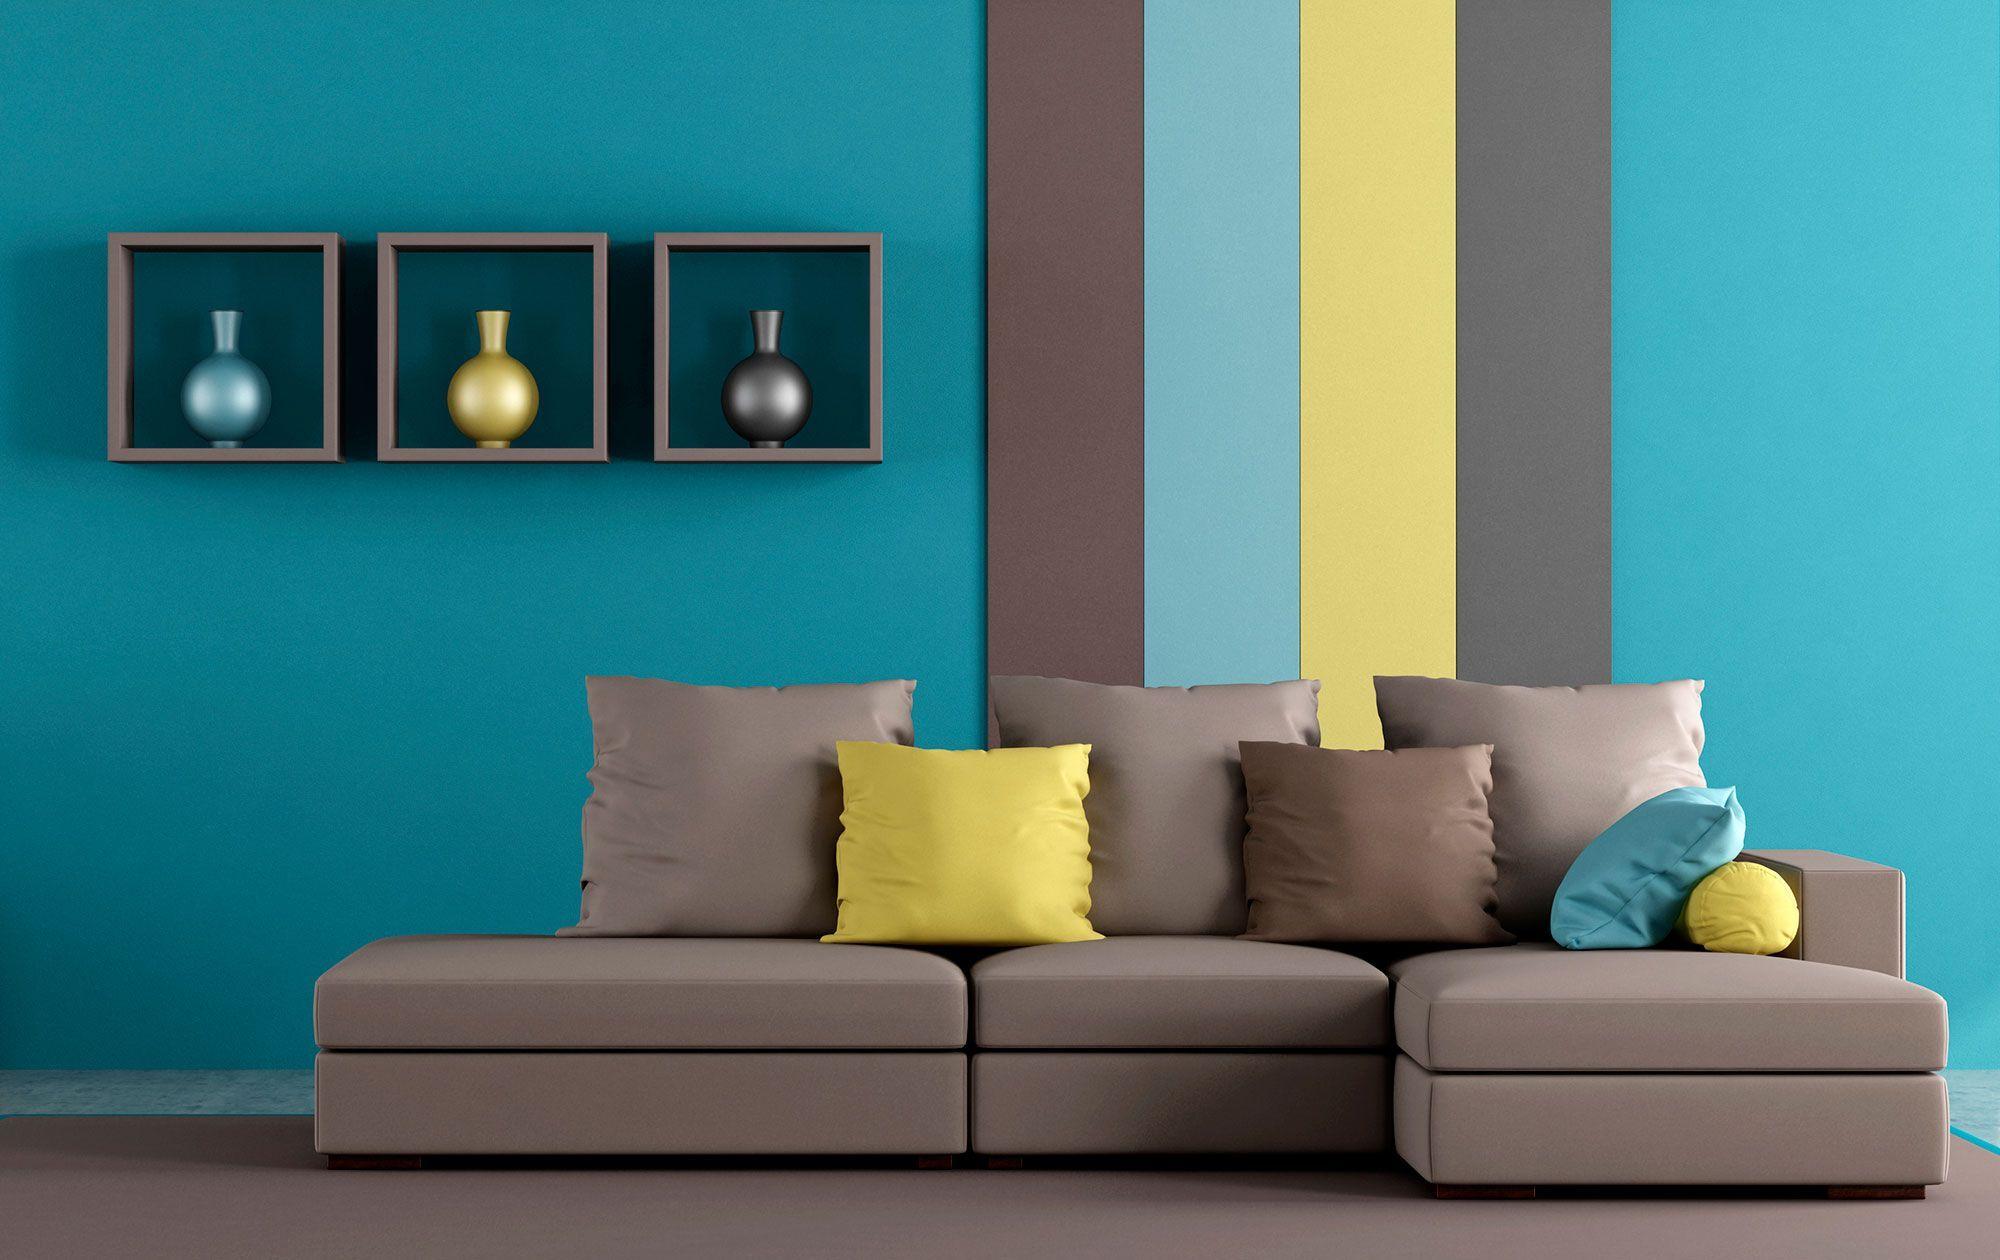 Sofa Marron Combinaciones De Colores Interiores Sofas Marrones Combinacion Colores Paredes